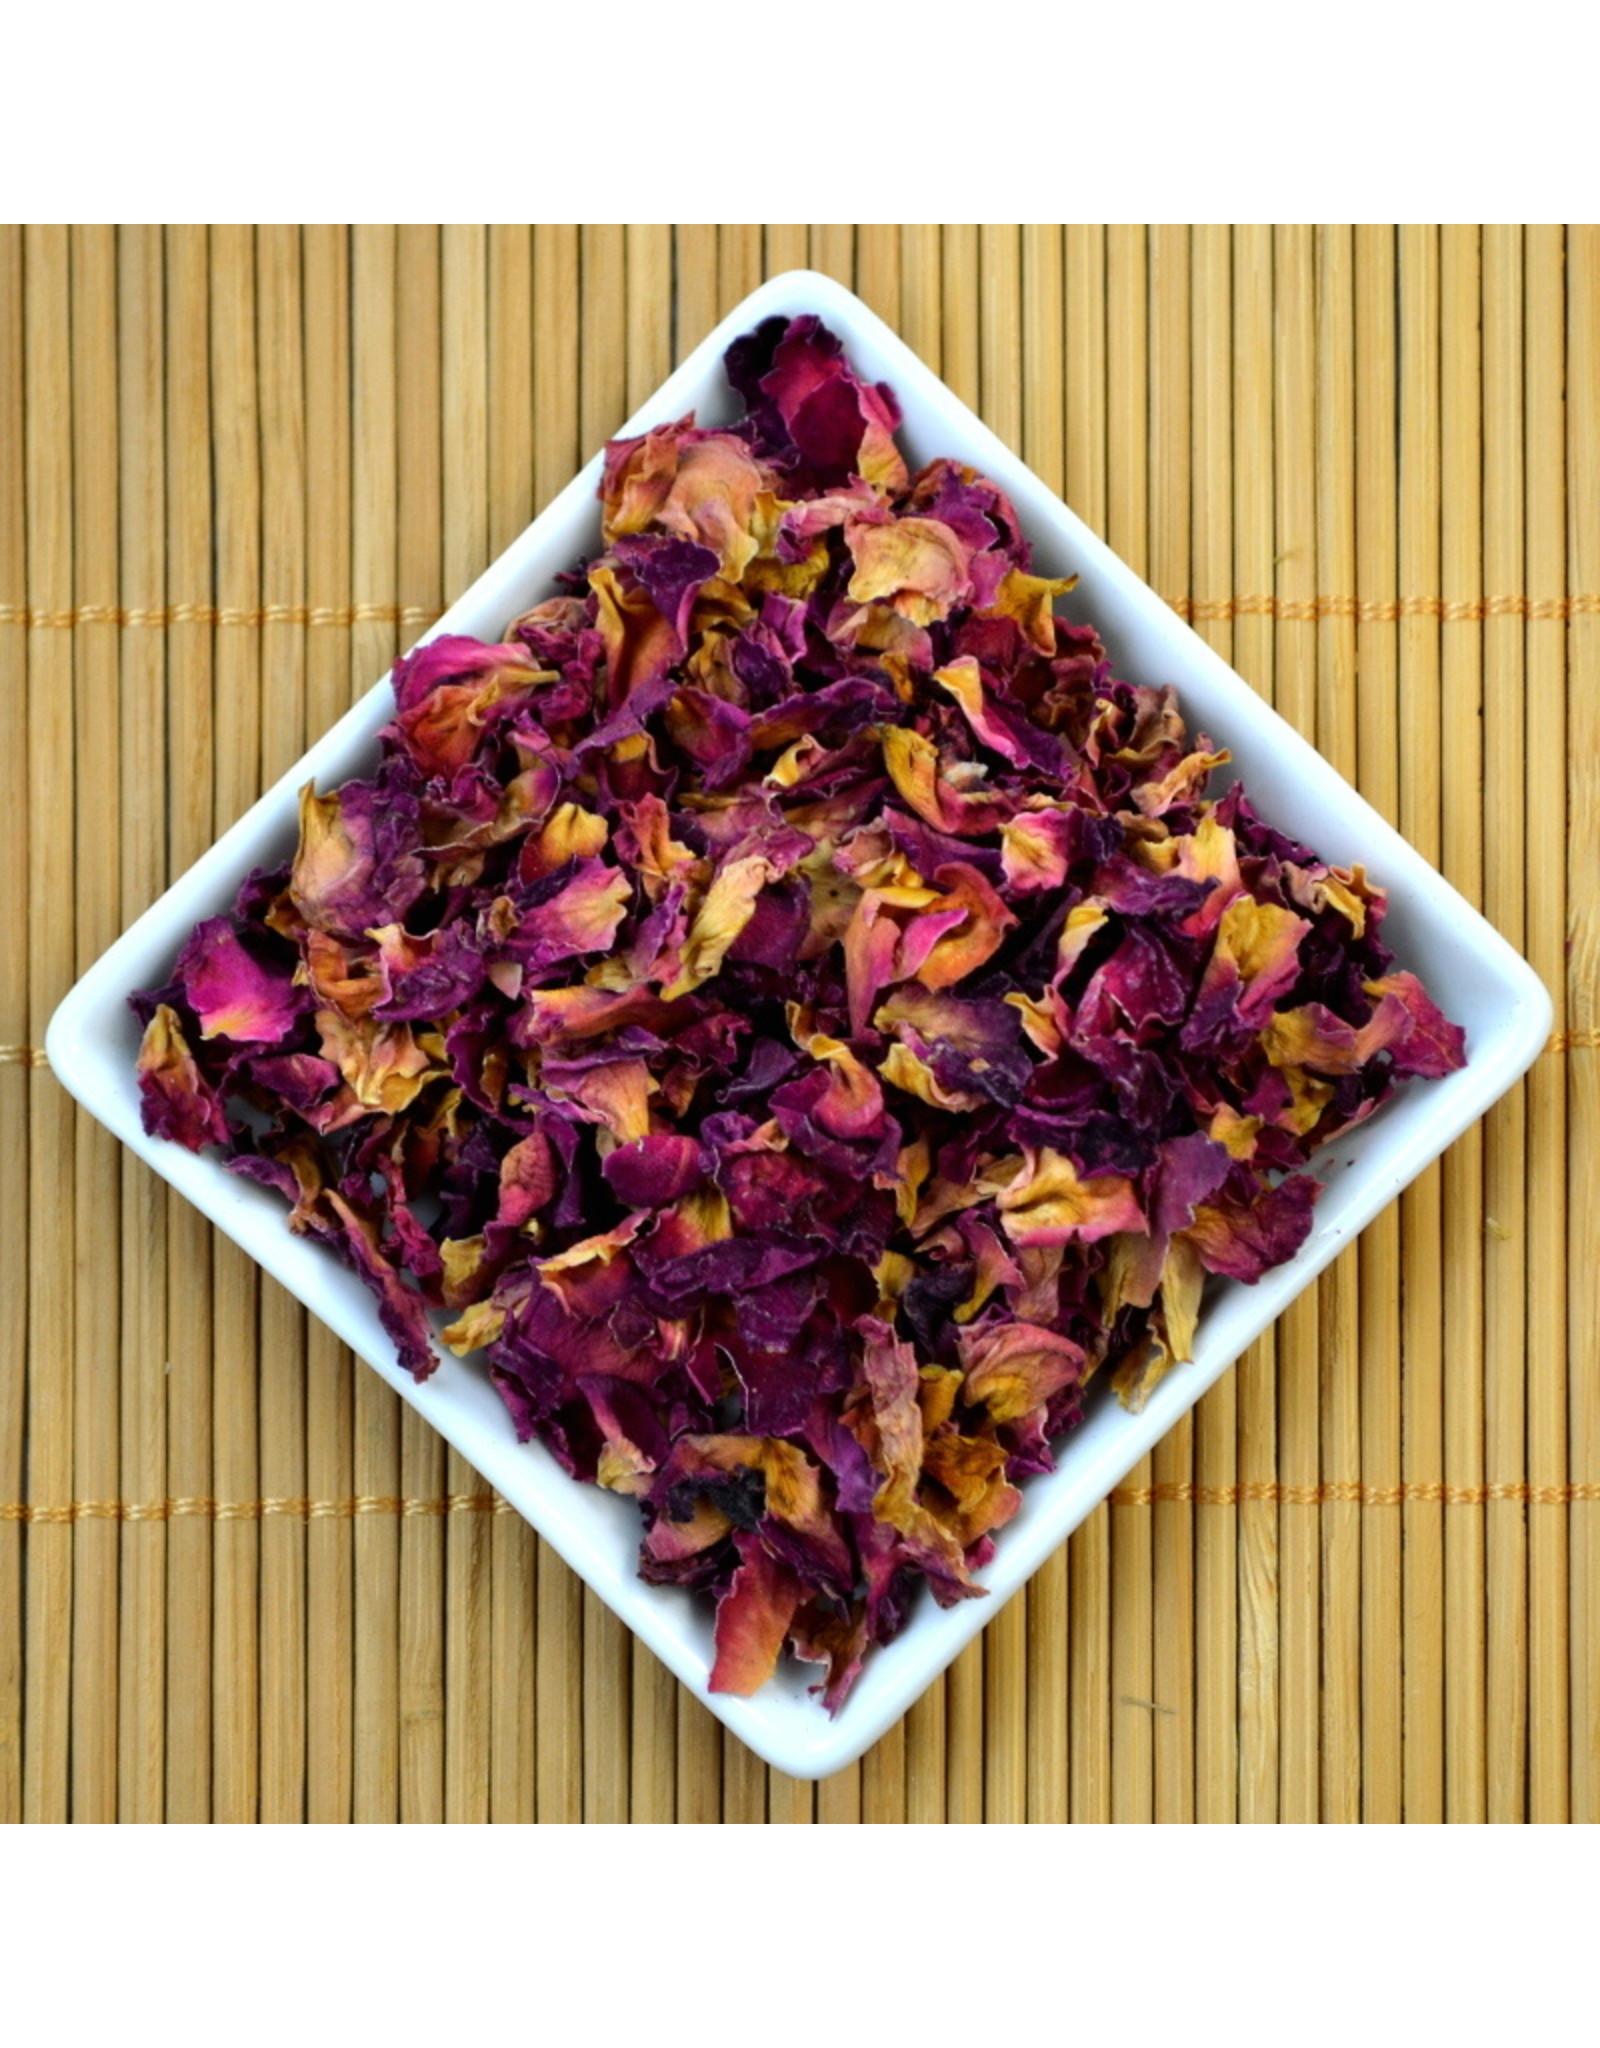 Bruur Rozenbloesem (bloem blaadjes van de roos)